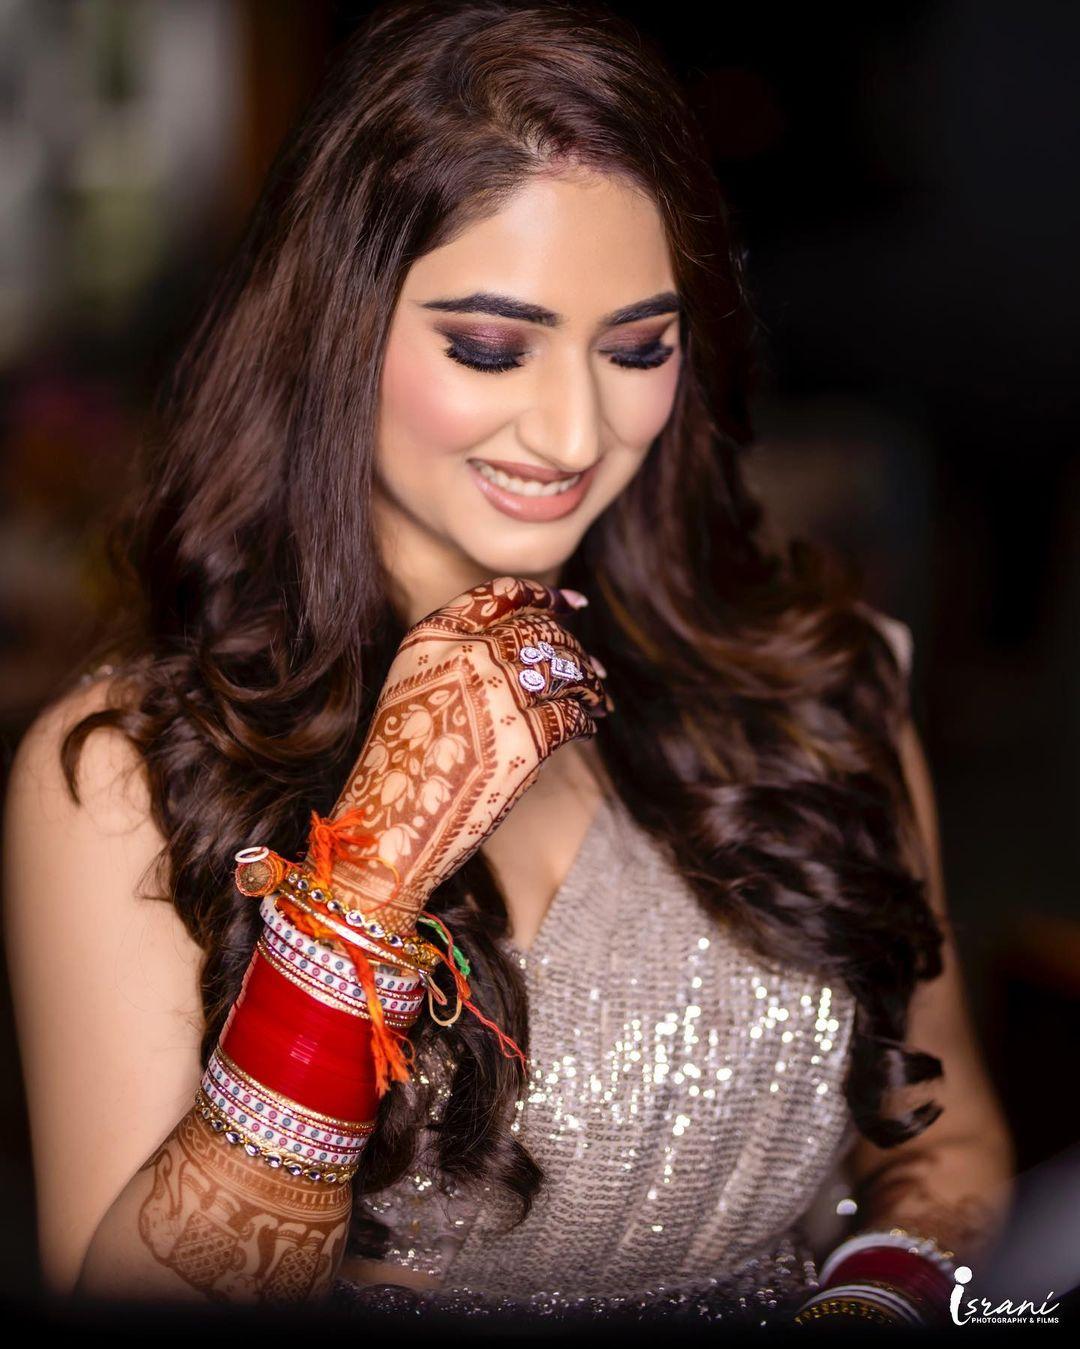 Disha Parmar Engagement Ring Photo